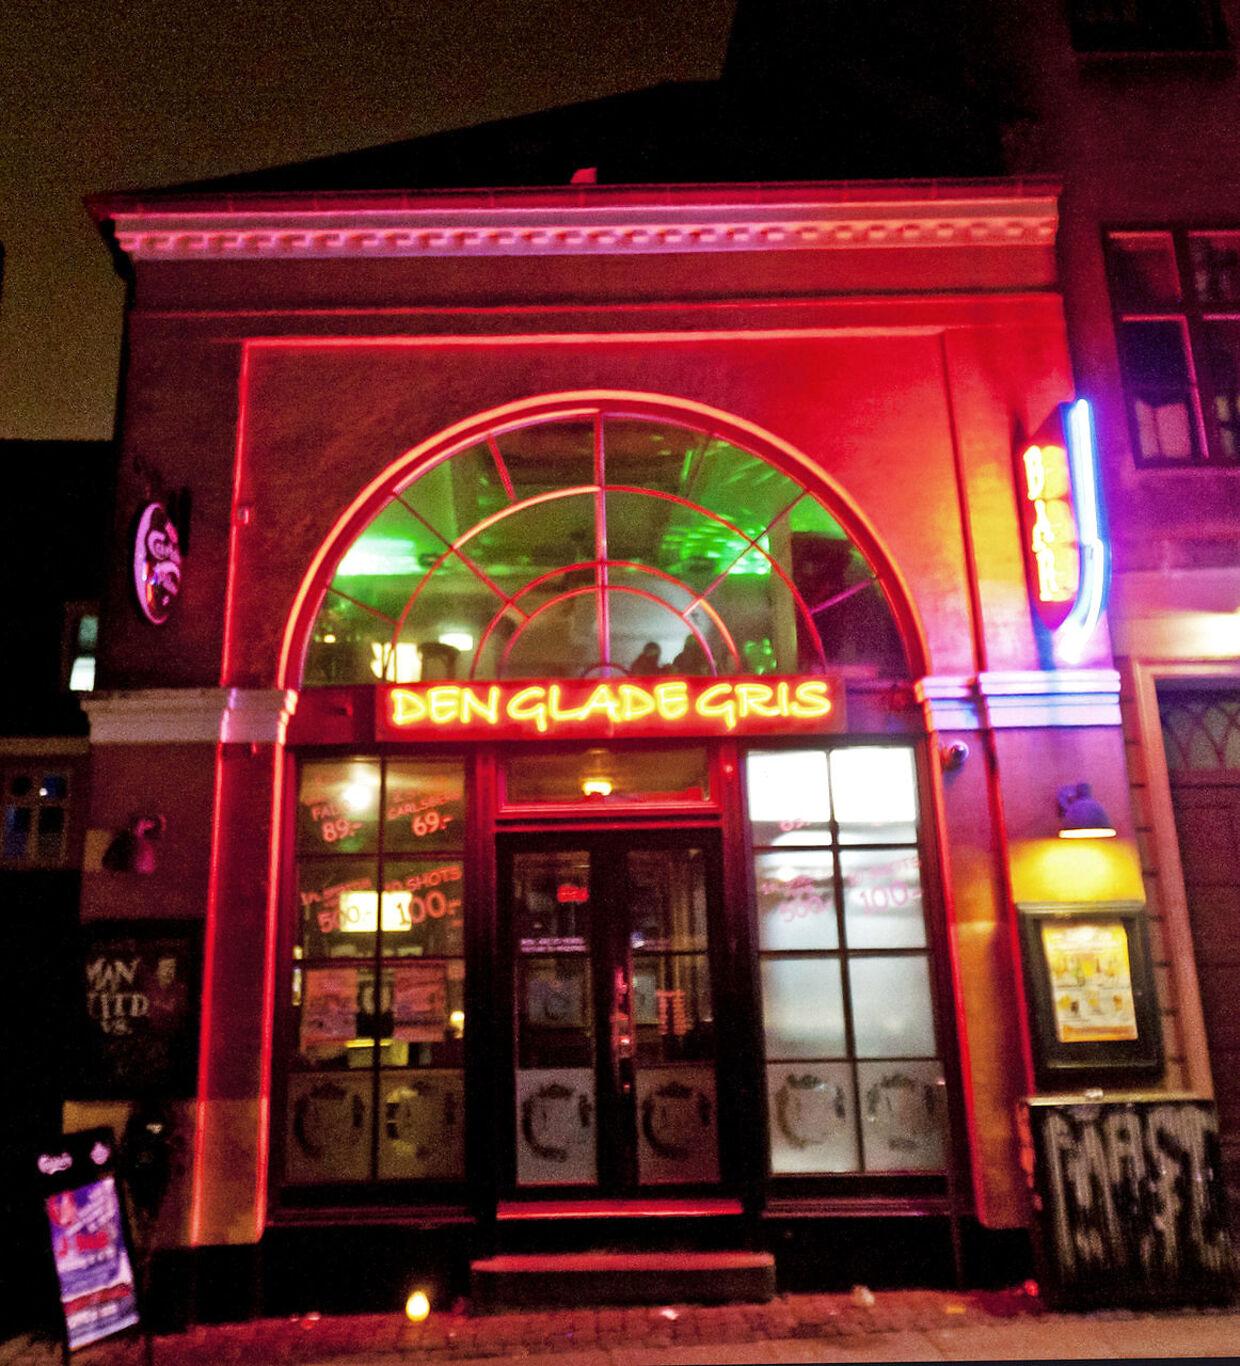 Restaurant Din's har siden de glade DM i standup-dage skiftet navn til Den Glade Gris. Stedet ligger i Lille Kannikestræde i det indre København